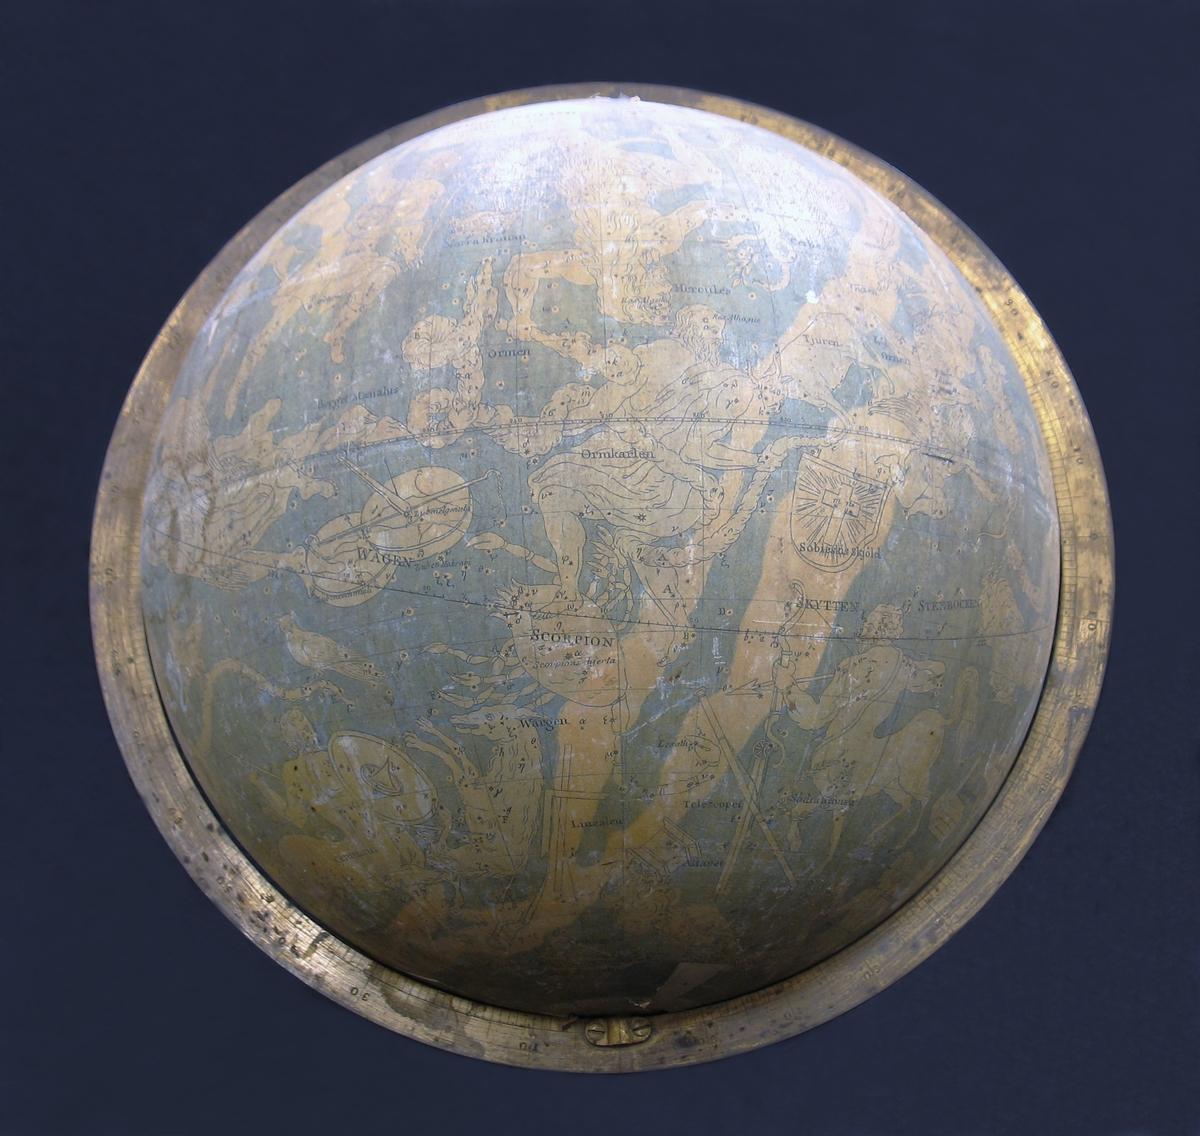 En himmelsglob med stjärnhimlen med dess stjärntecken. Himmelsgloben saknar ställning. Globen är från år 1824. Illustrationerna på globen föreställer bland annat stjärnor och stjärnbilder såsom Jungfrun, Vattumannen, Örnen, Tjuren, Draken etcetera.